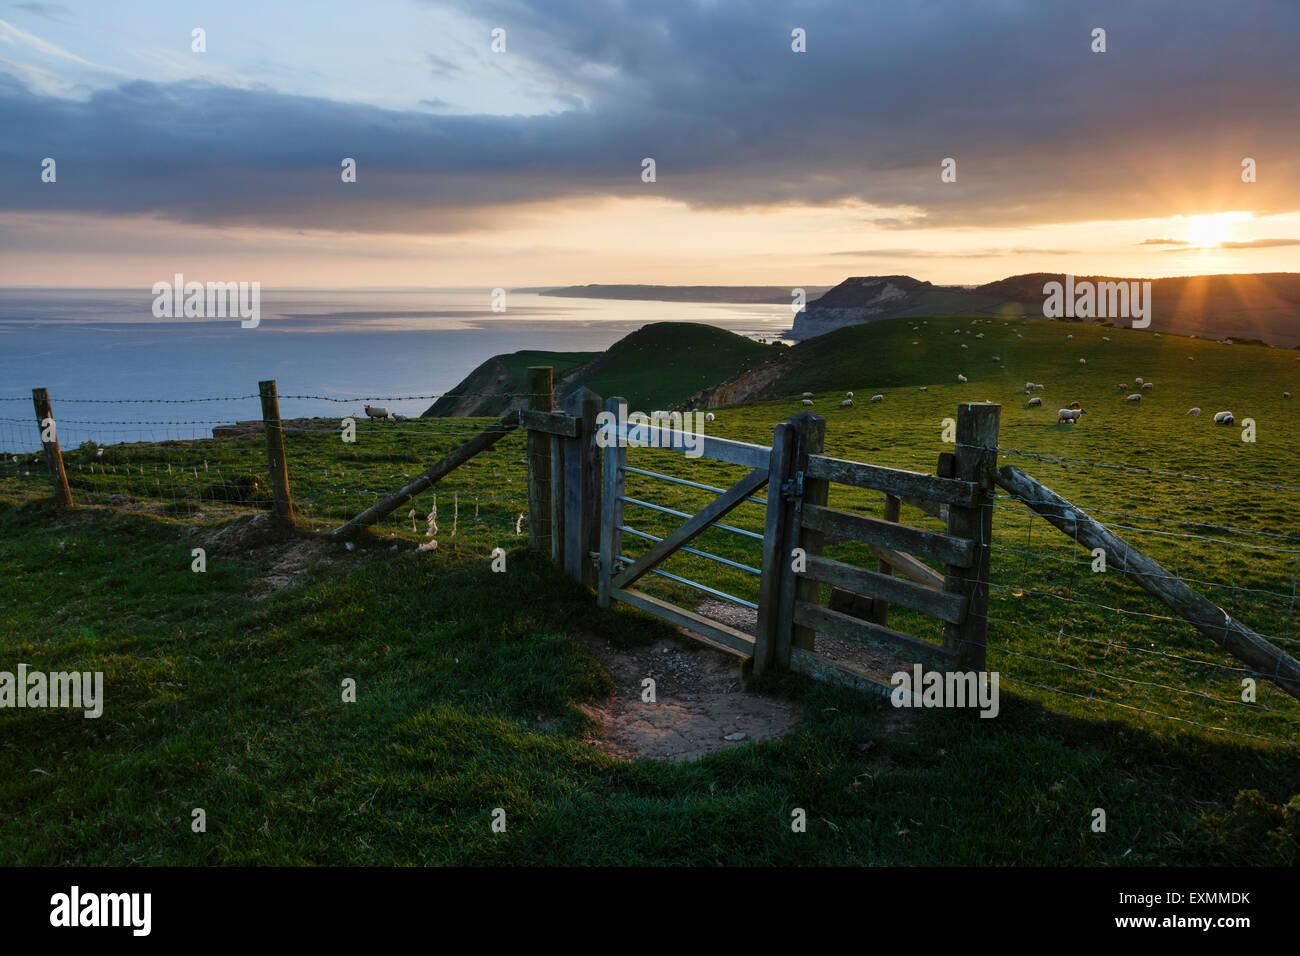 Atardecer desde Thorncombe baliza, abajo, cerca de Bridport Eype, Dorset Foto de stock